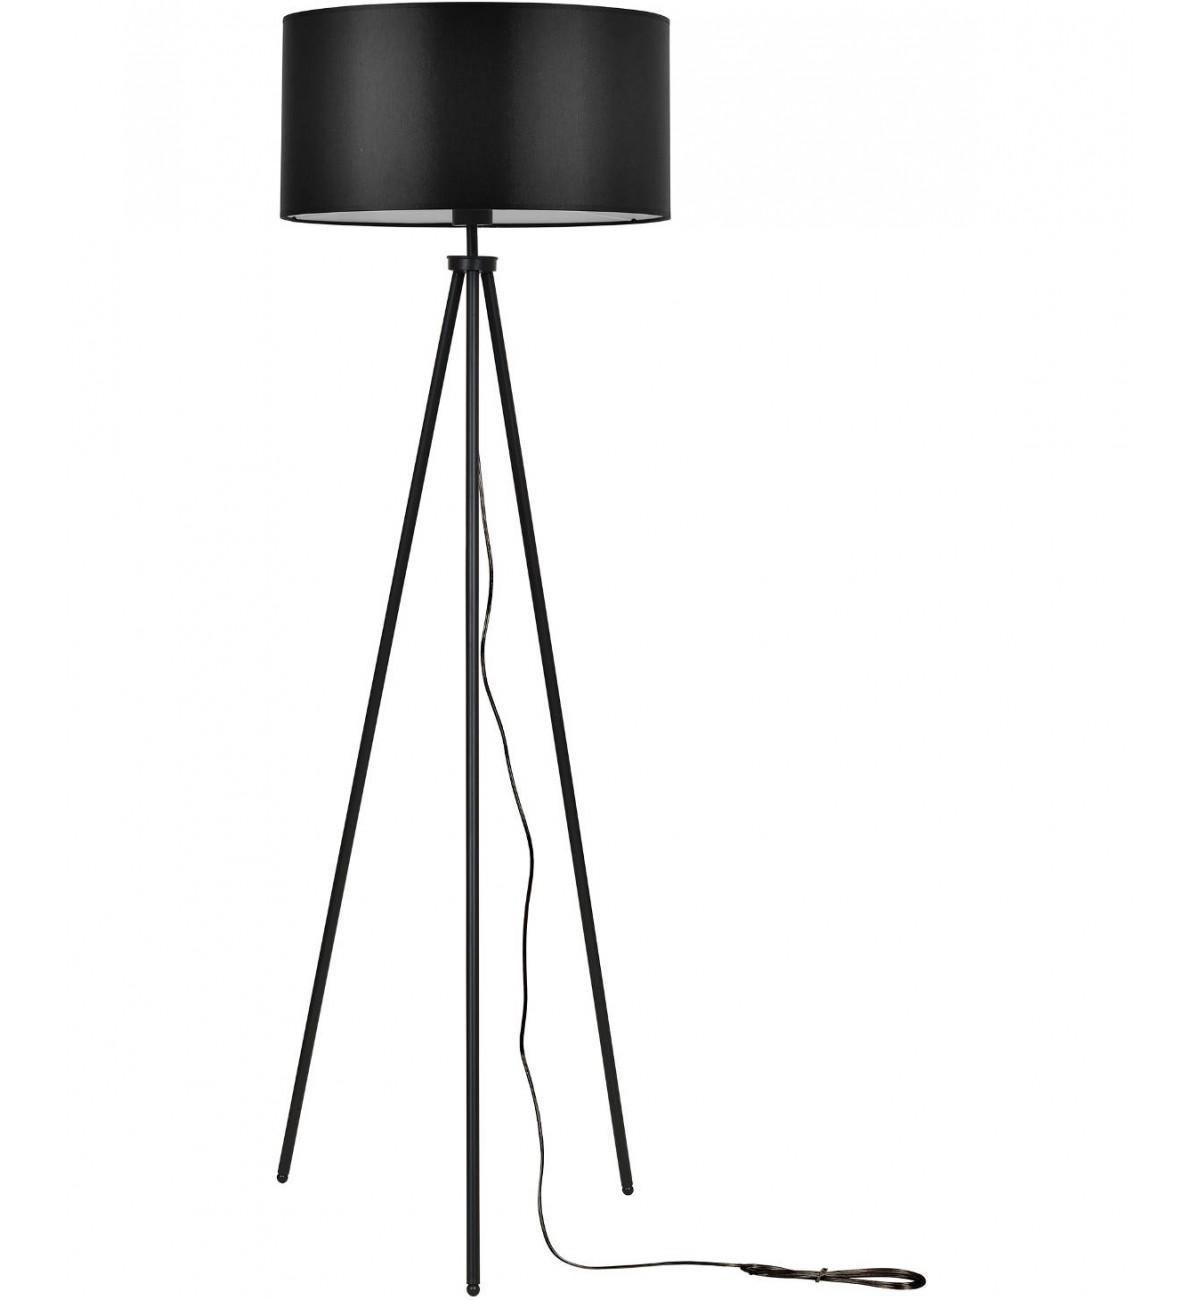 lampa stojaca z abazurem trojnog podlogowa